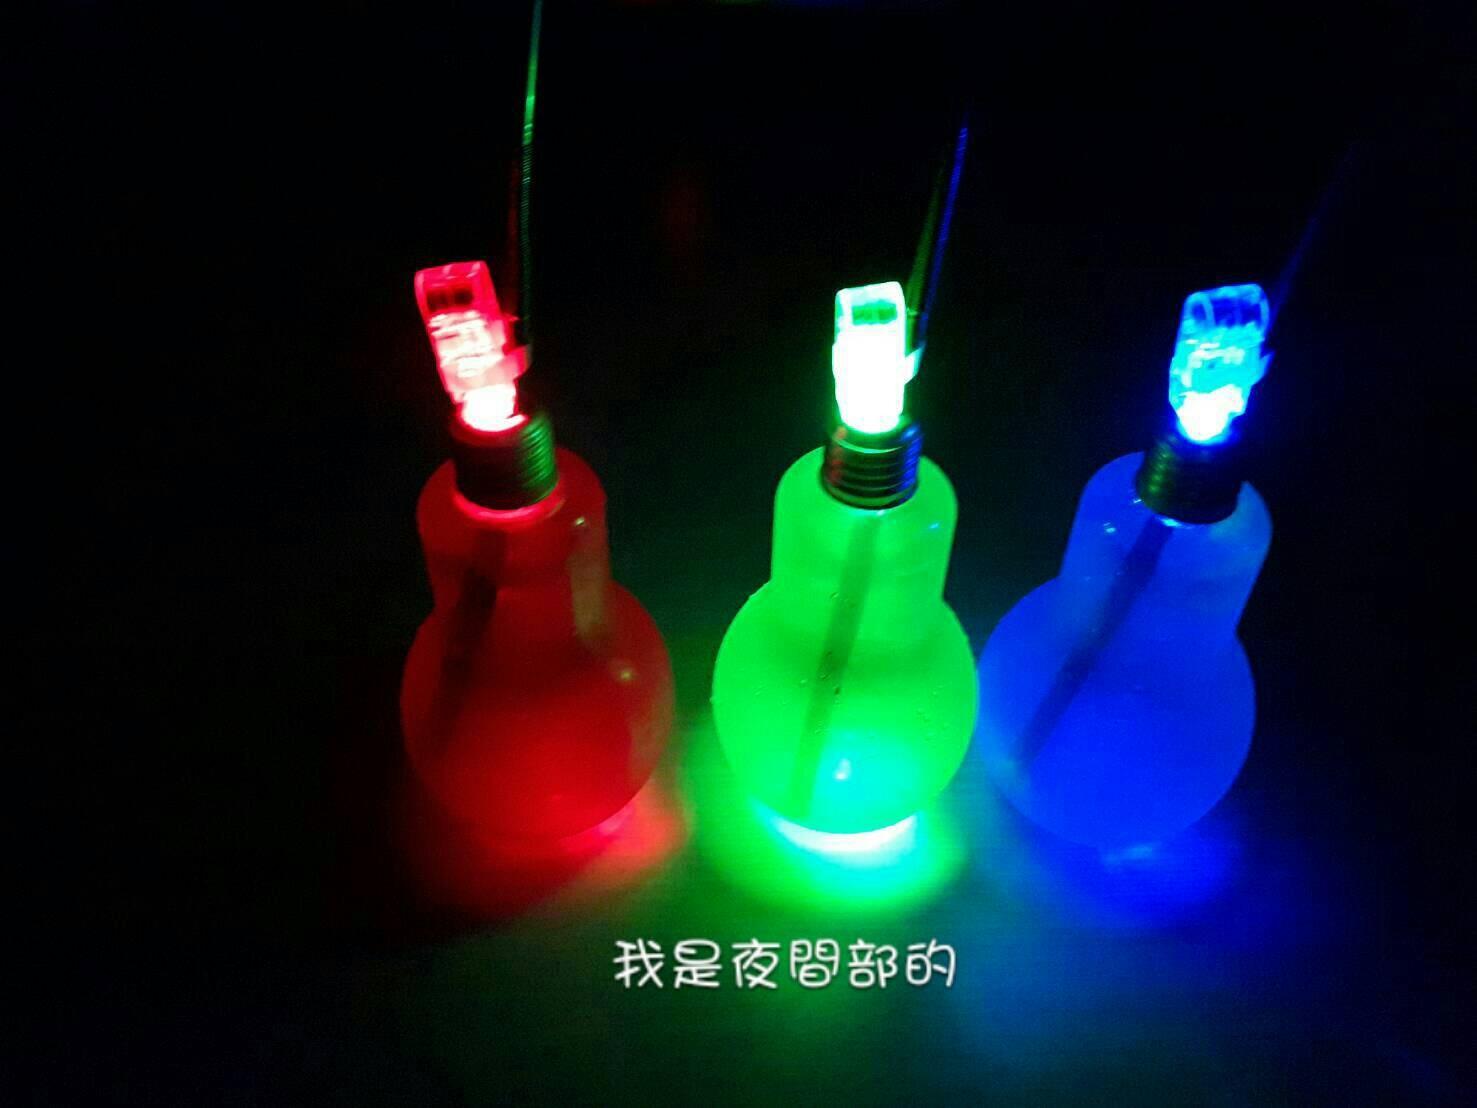 燈泡造型飲品-玫瑰特調(400ml塑膠燈泡瓶LED發光款)